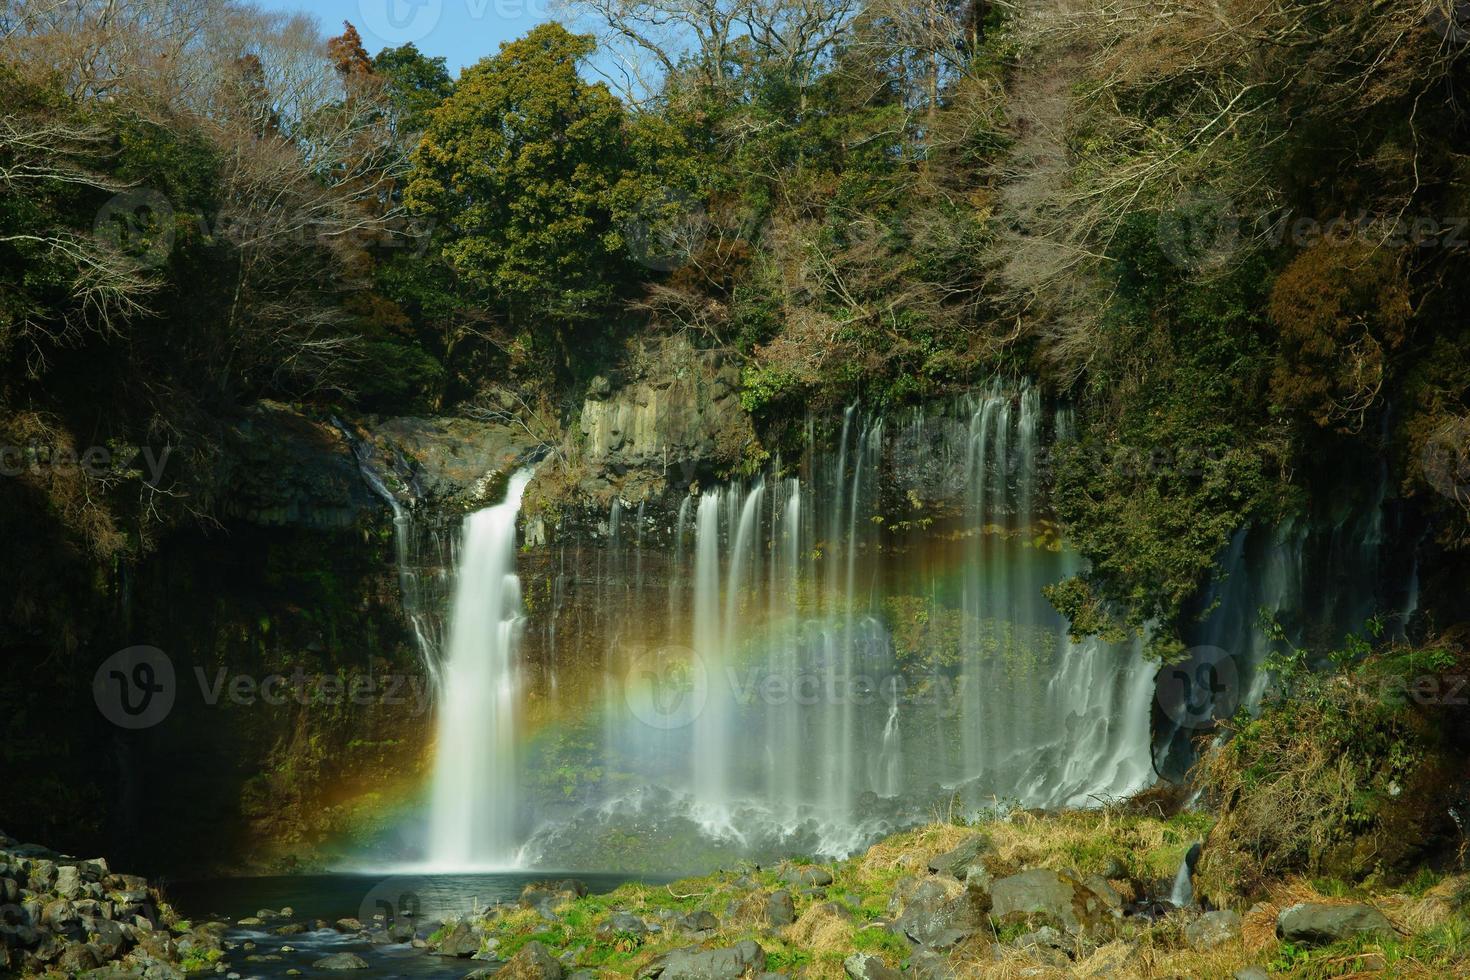 destinos turísticos no japão foto